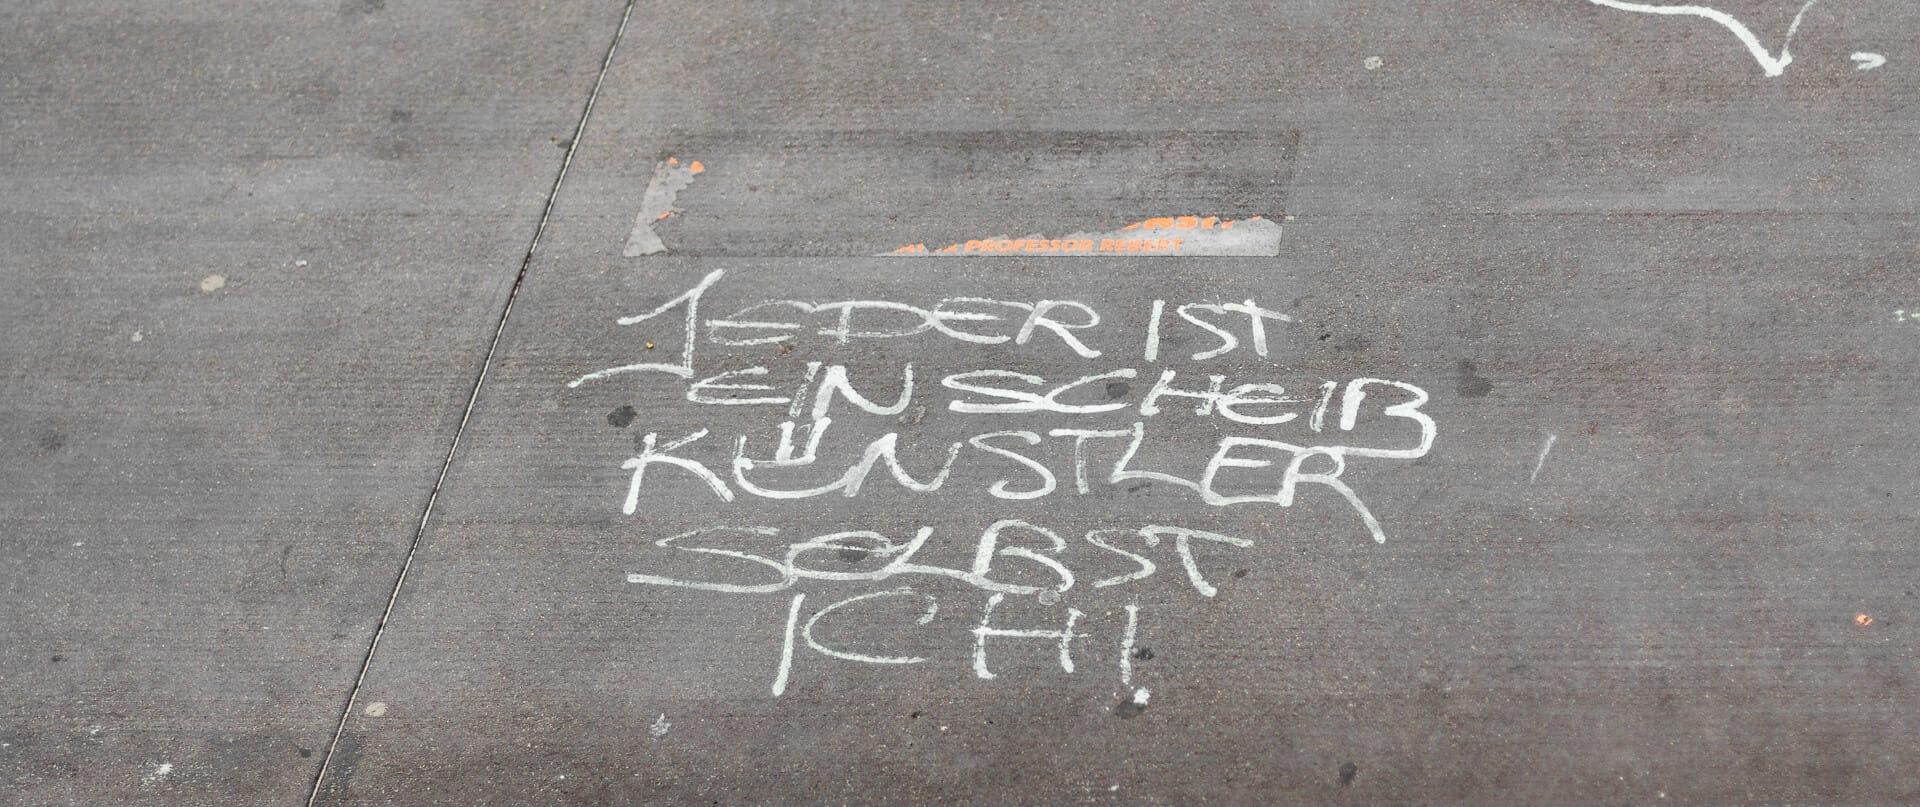 Christian Weber Photo - Kunstdruck und Streetart München